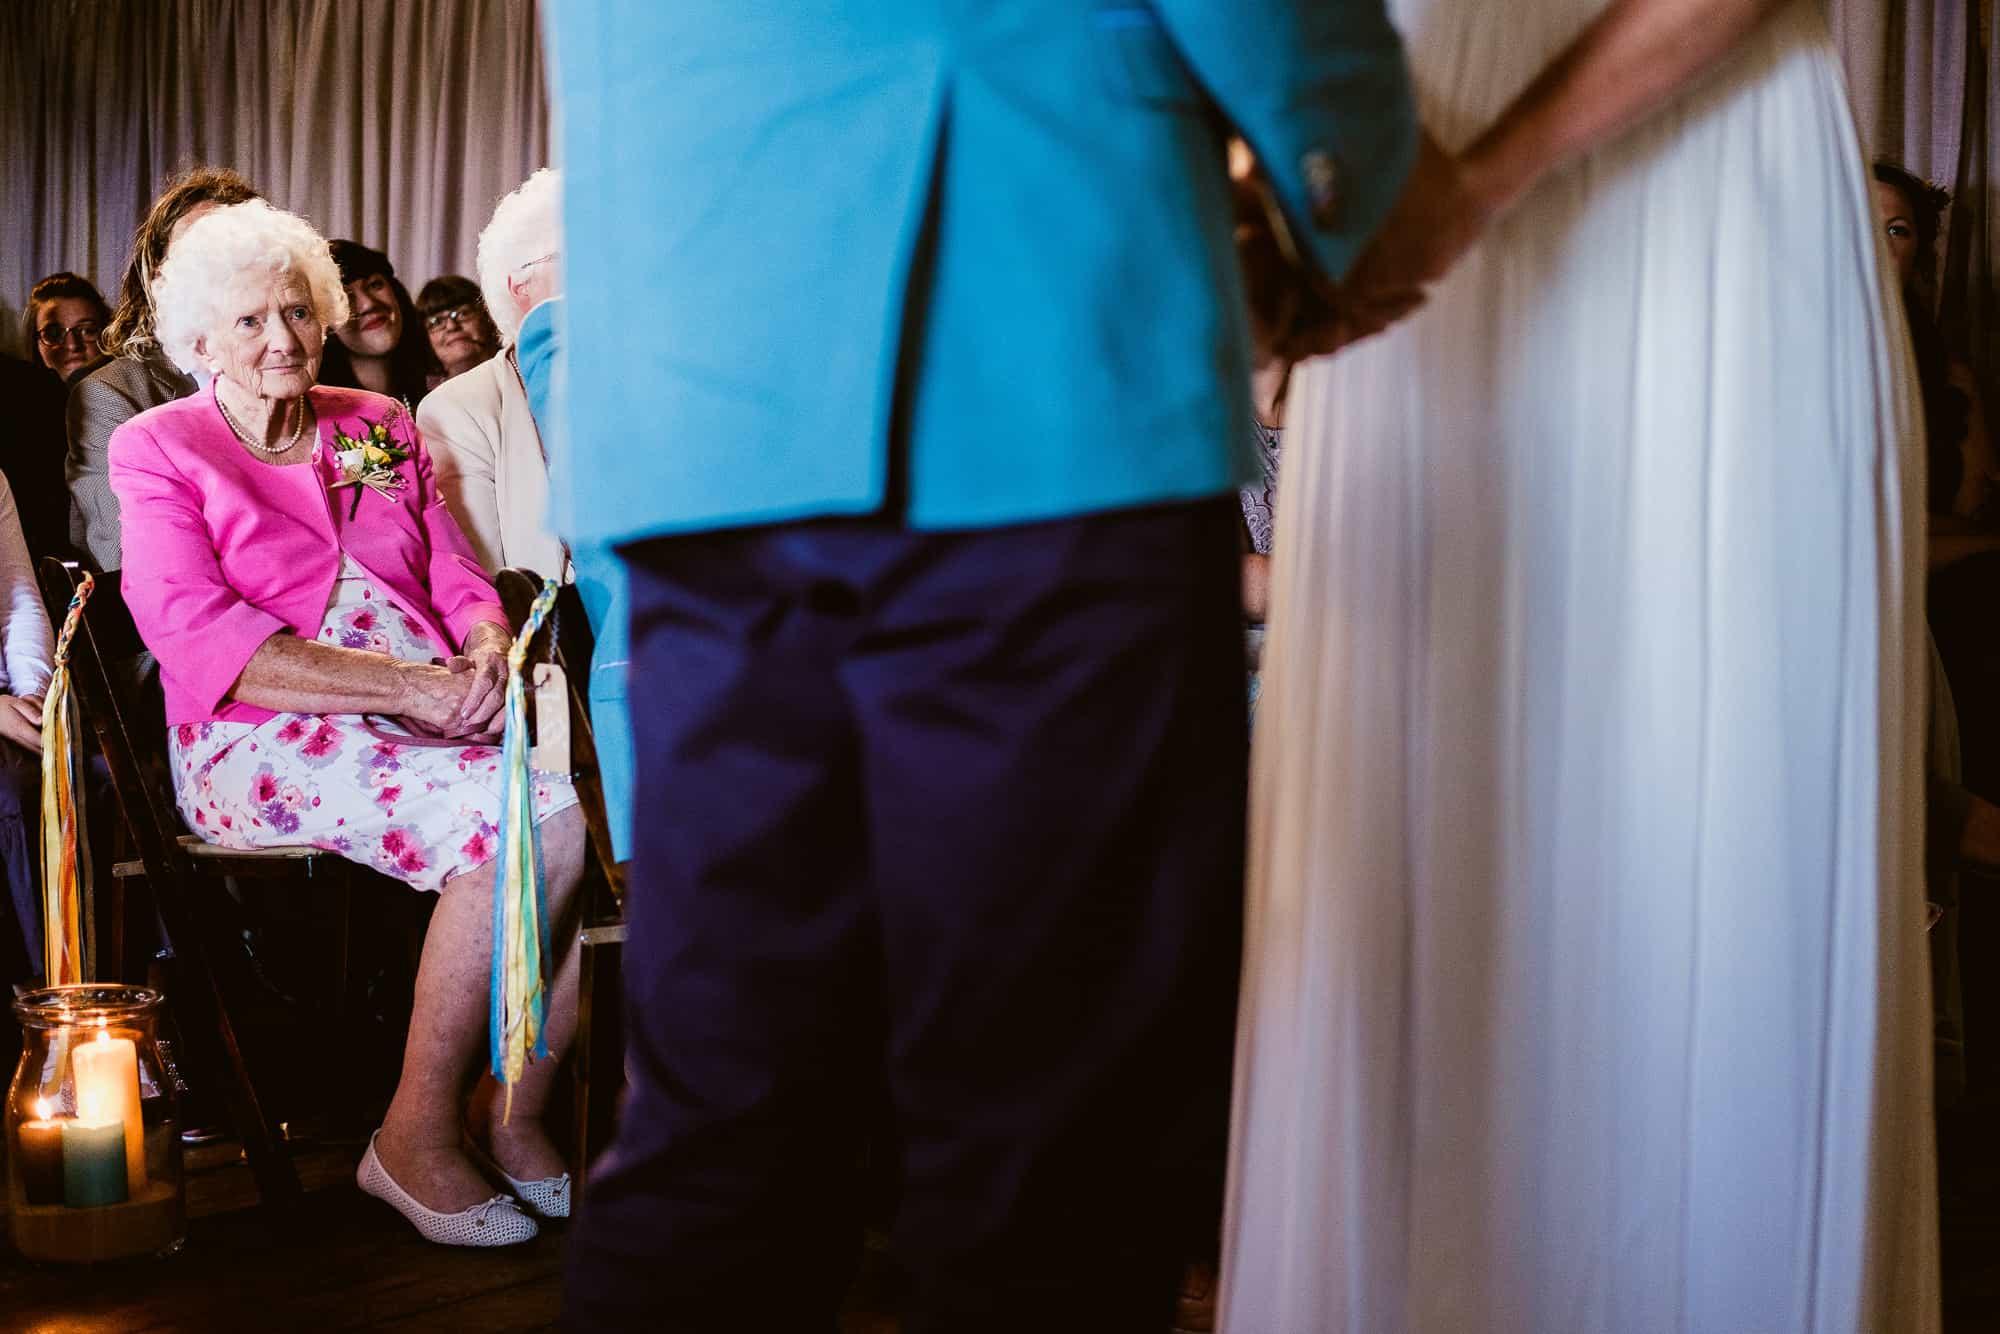 east-quay-wedding-photography-matt-tyler-0033